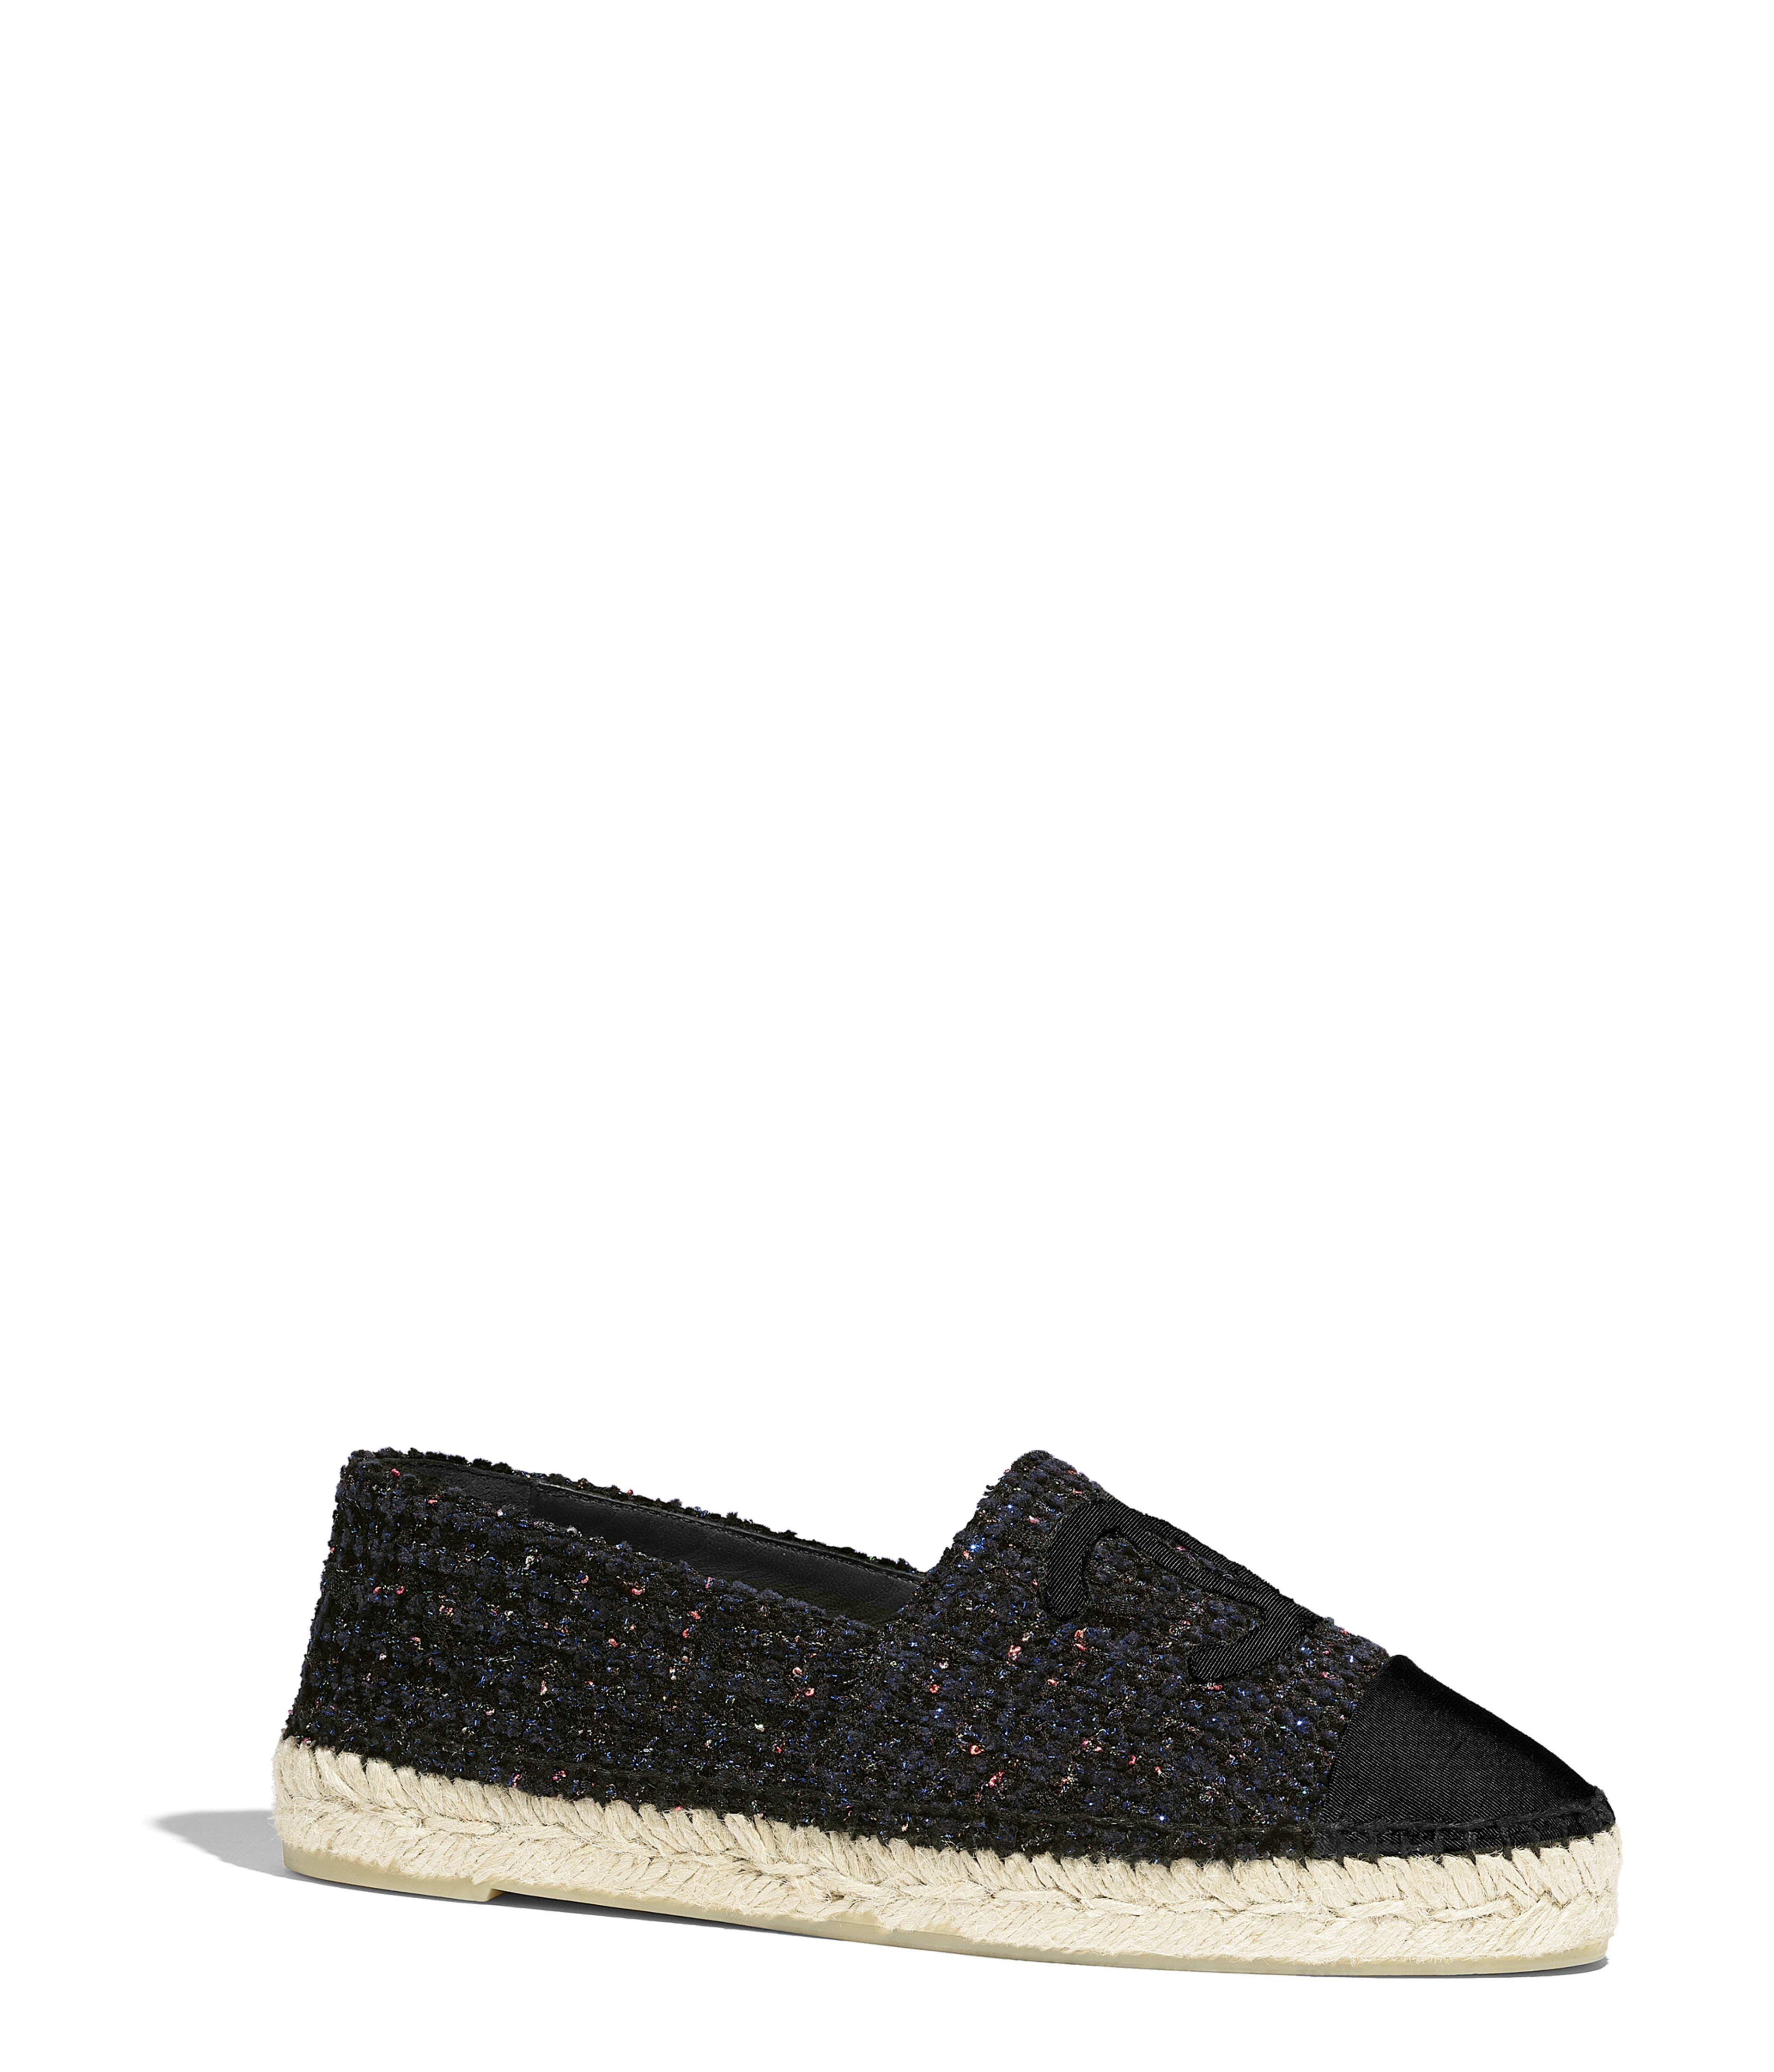 best authentic 75ce0 6db98 Espadrilles - Shoes | CHANEL